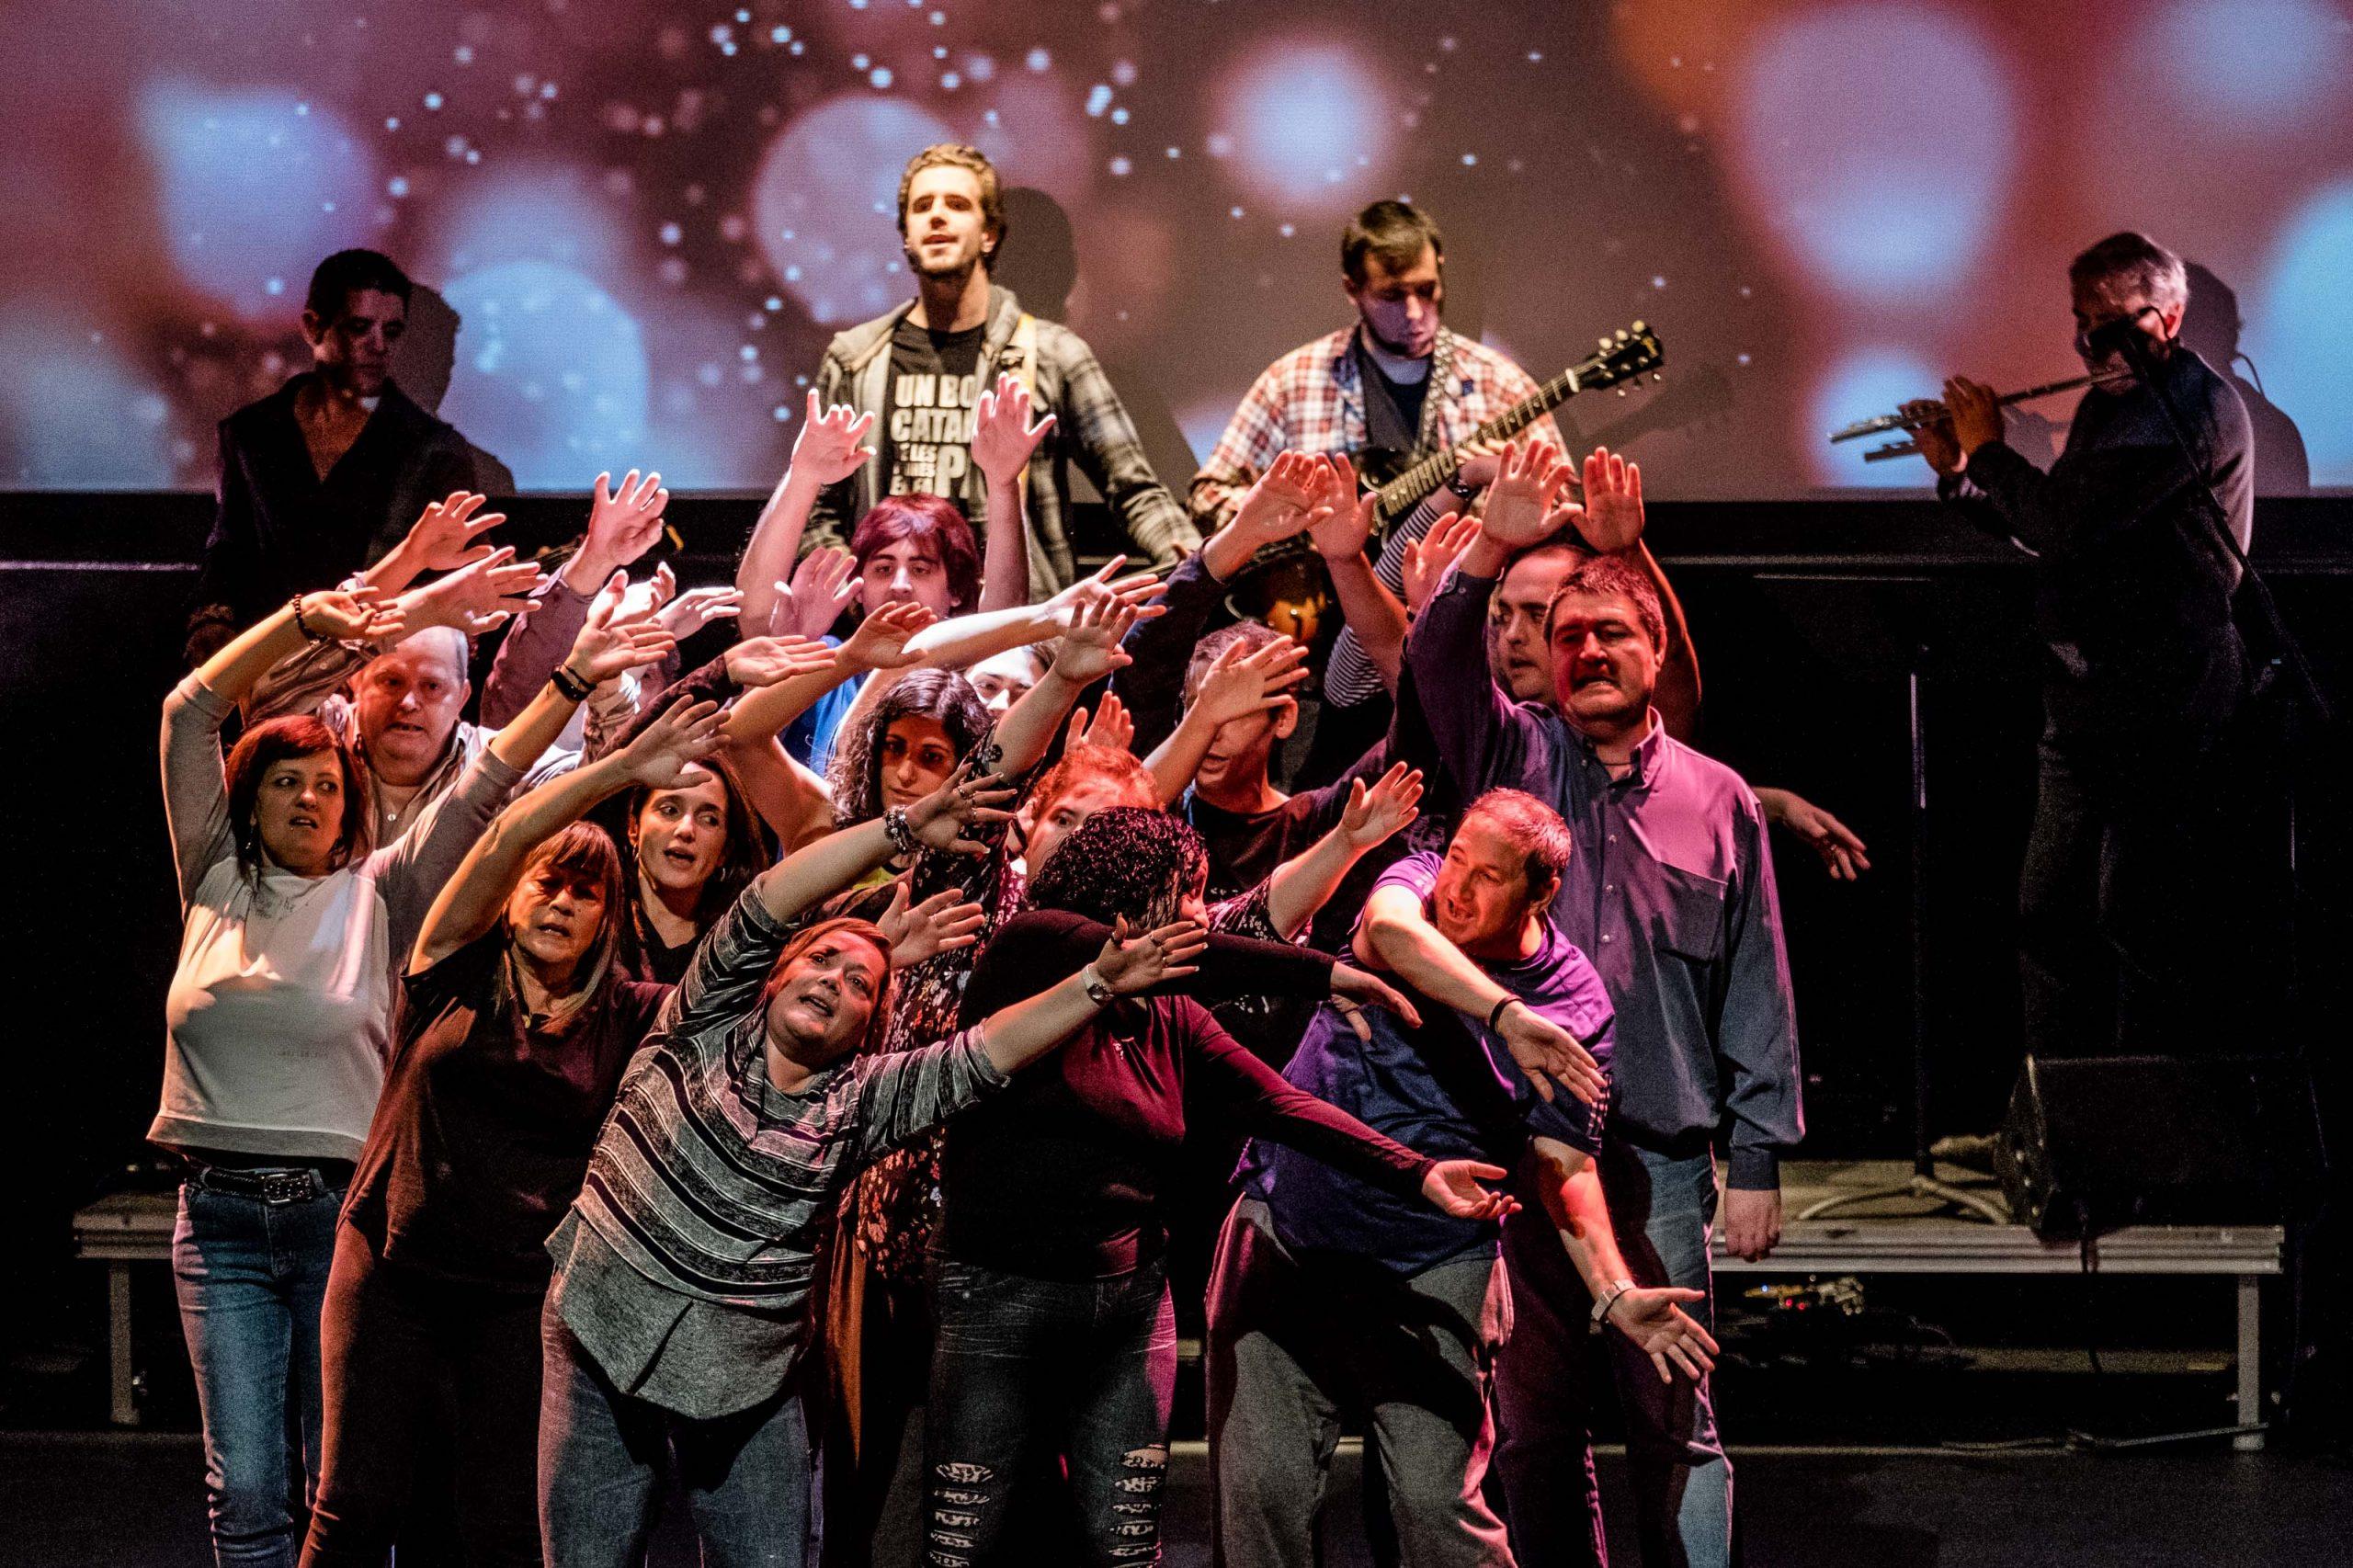 Reestrena de l'espectacle 'Jo bé, i tu?', d'Osonament, al Teatre Cirvianum de Torelló